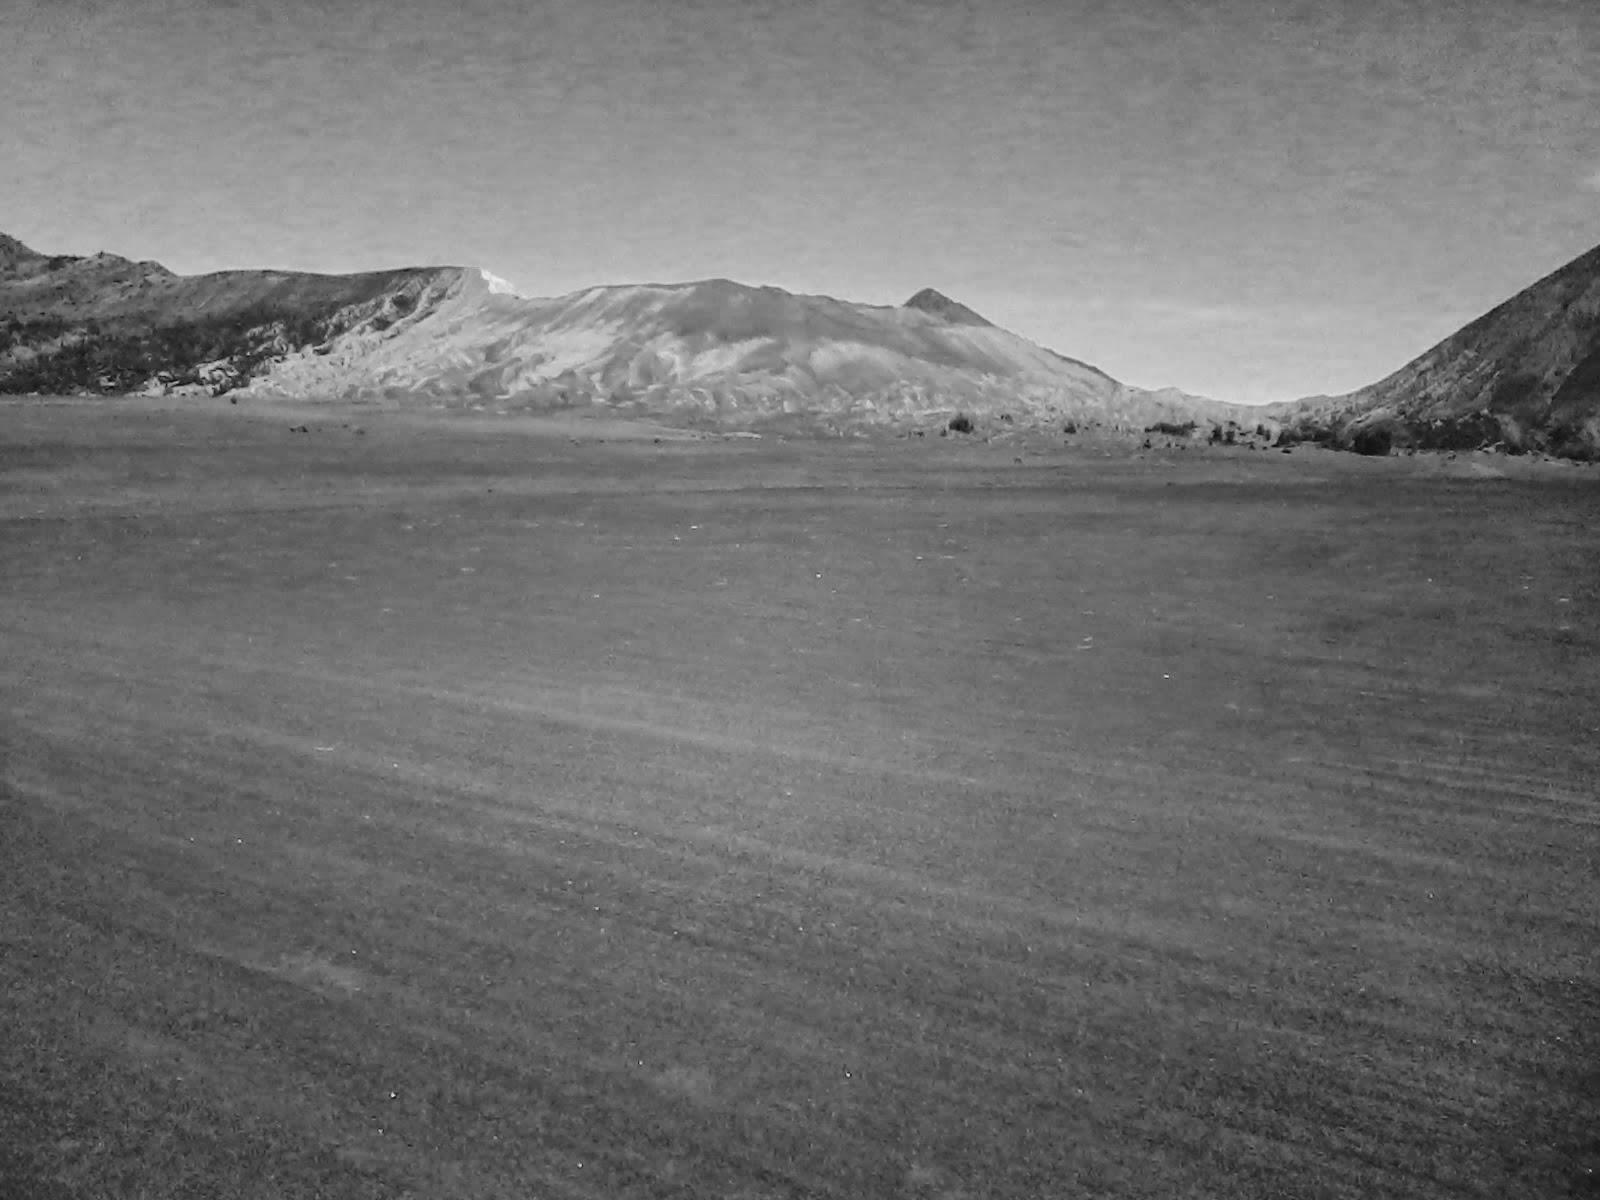 gunung-bromo-pasir-berbisik